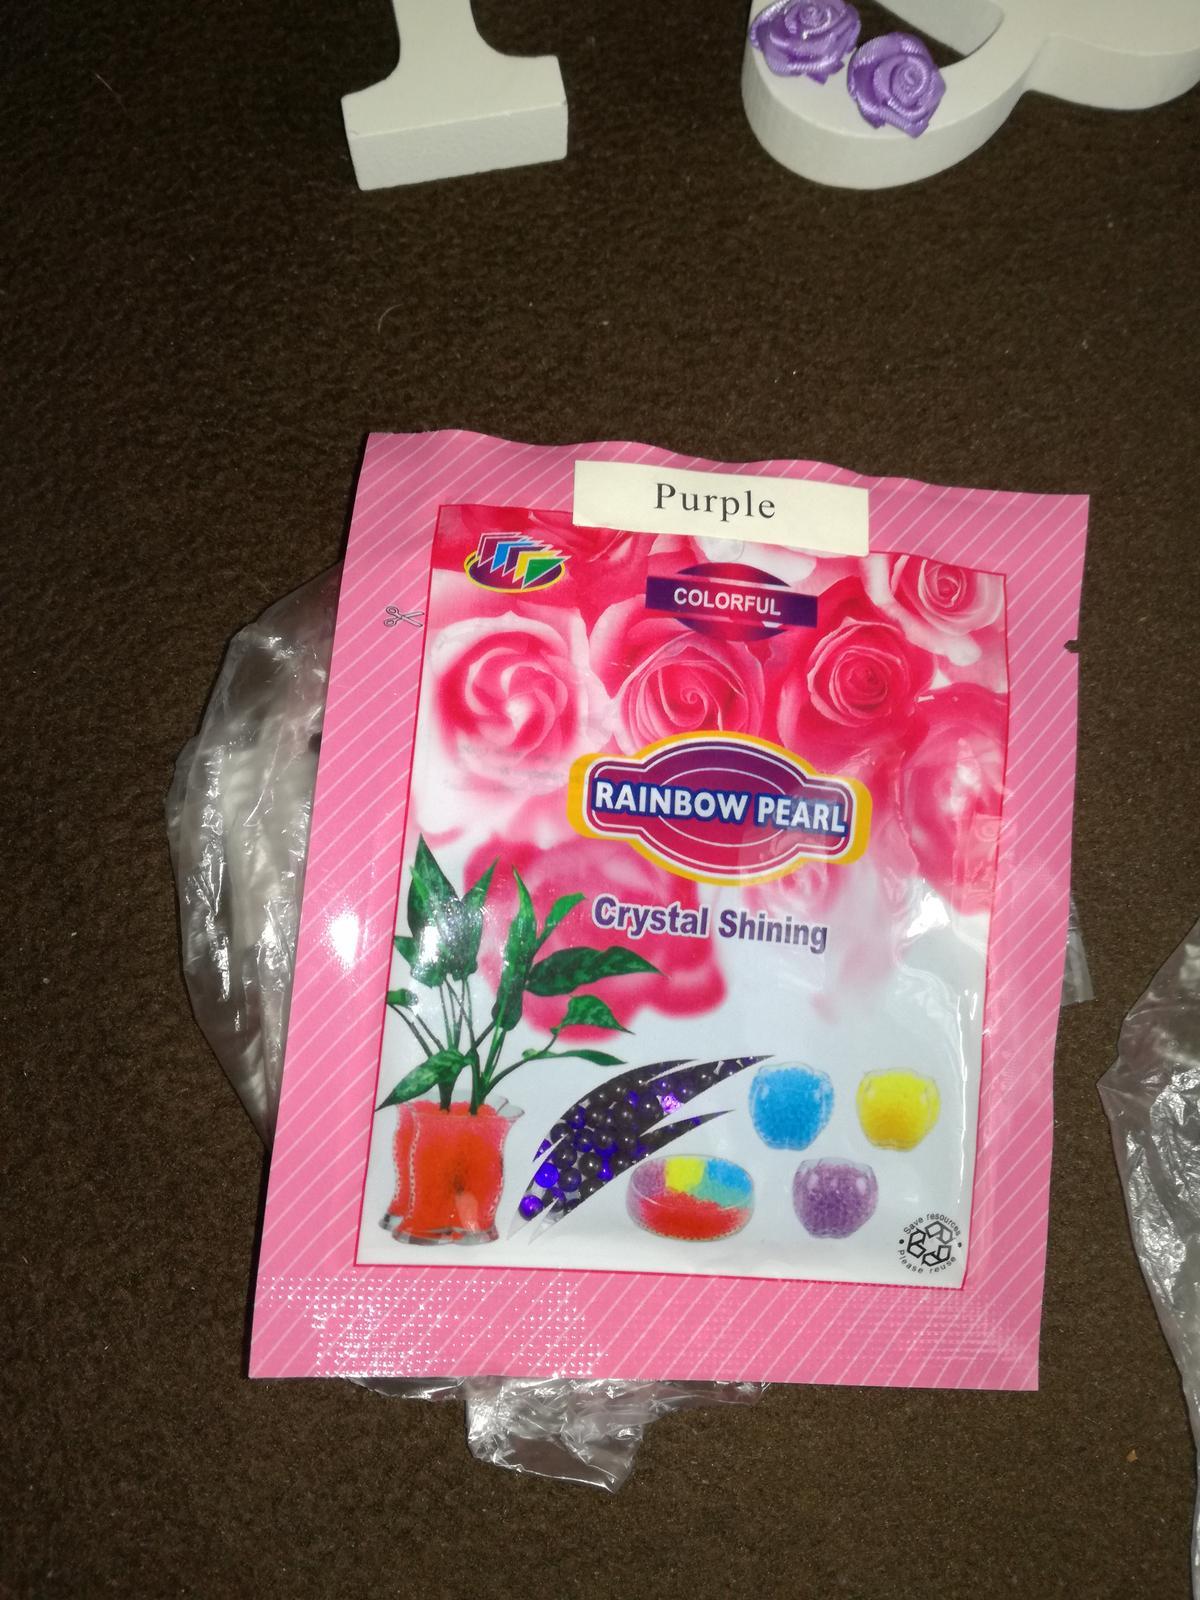 Gelové perly do vázy  - Obrázek č. 1